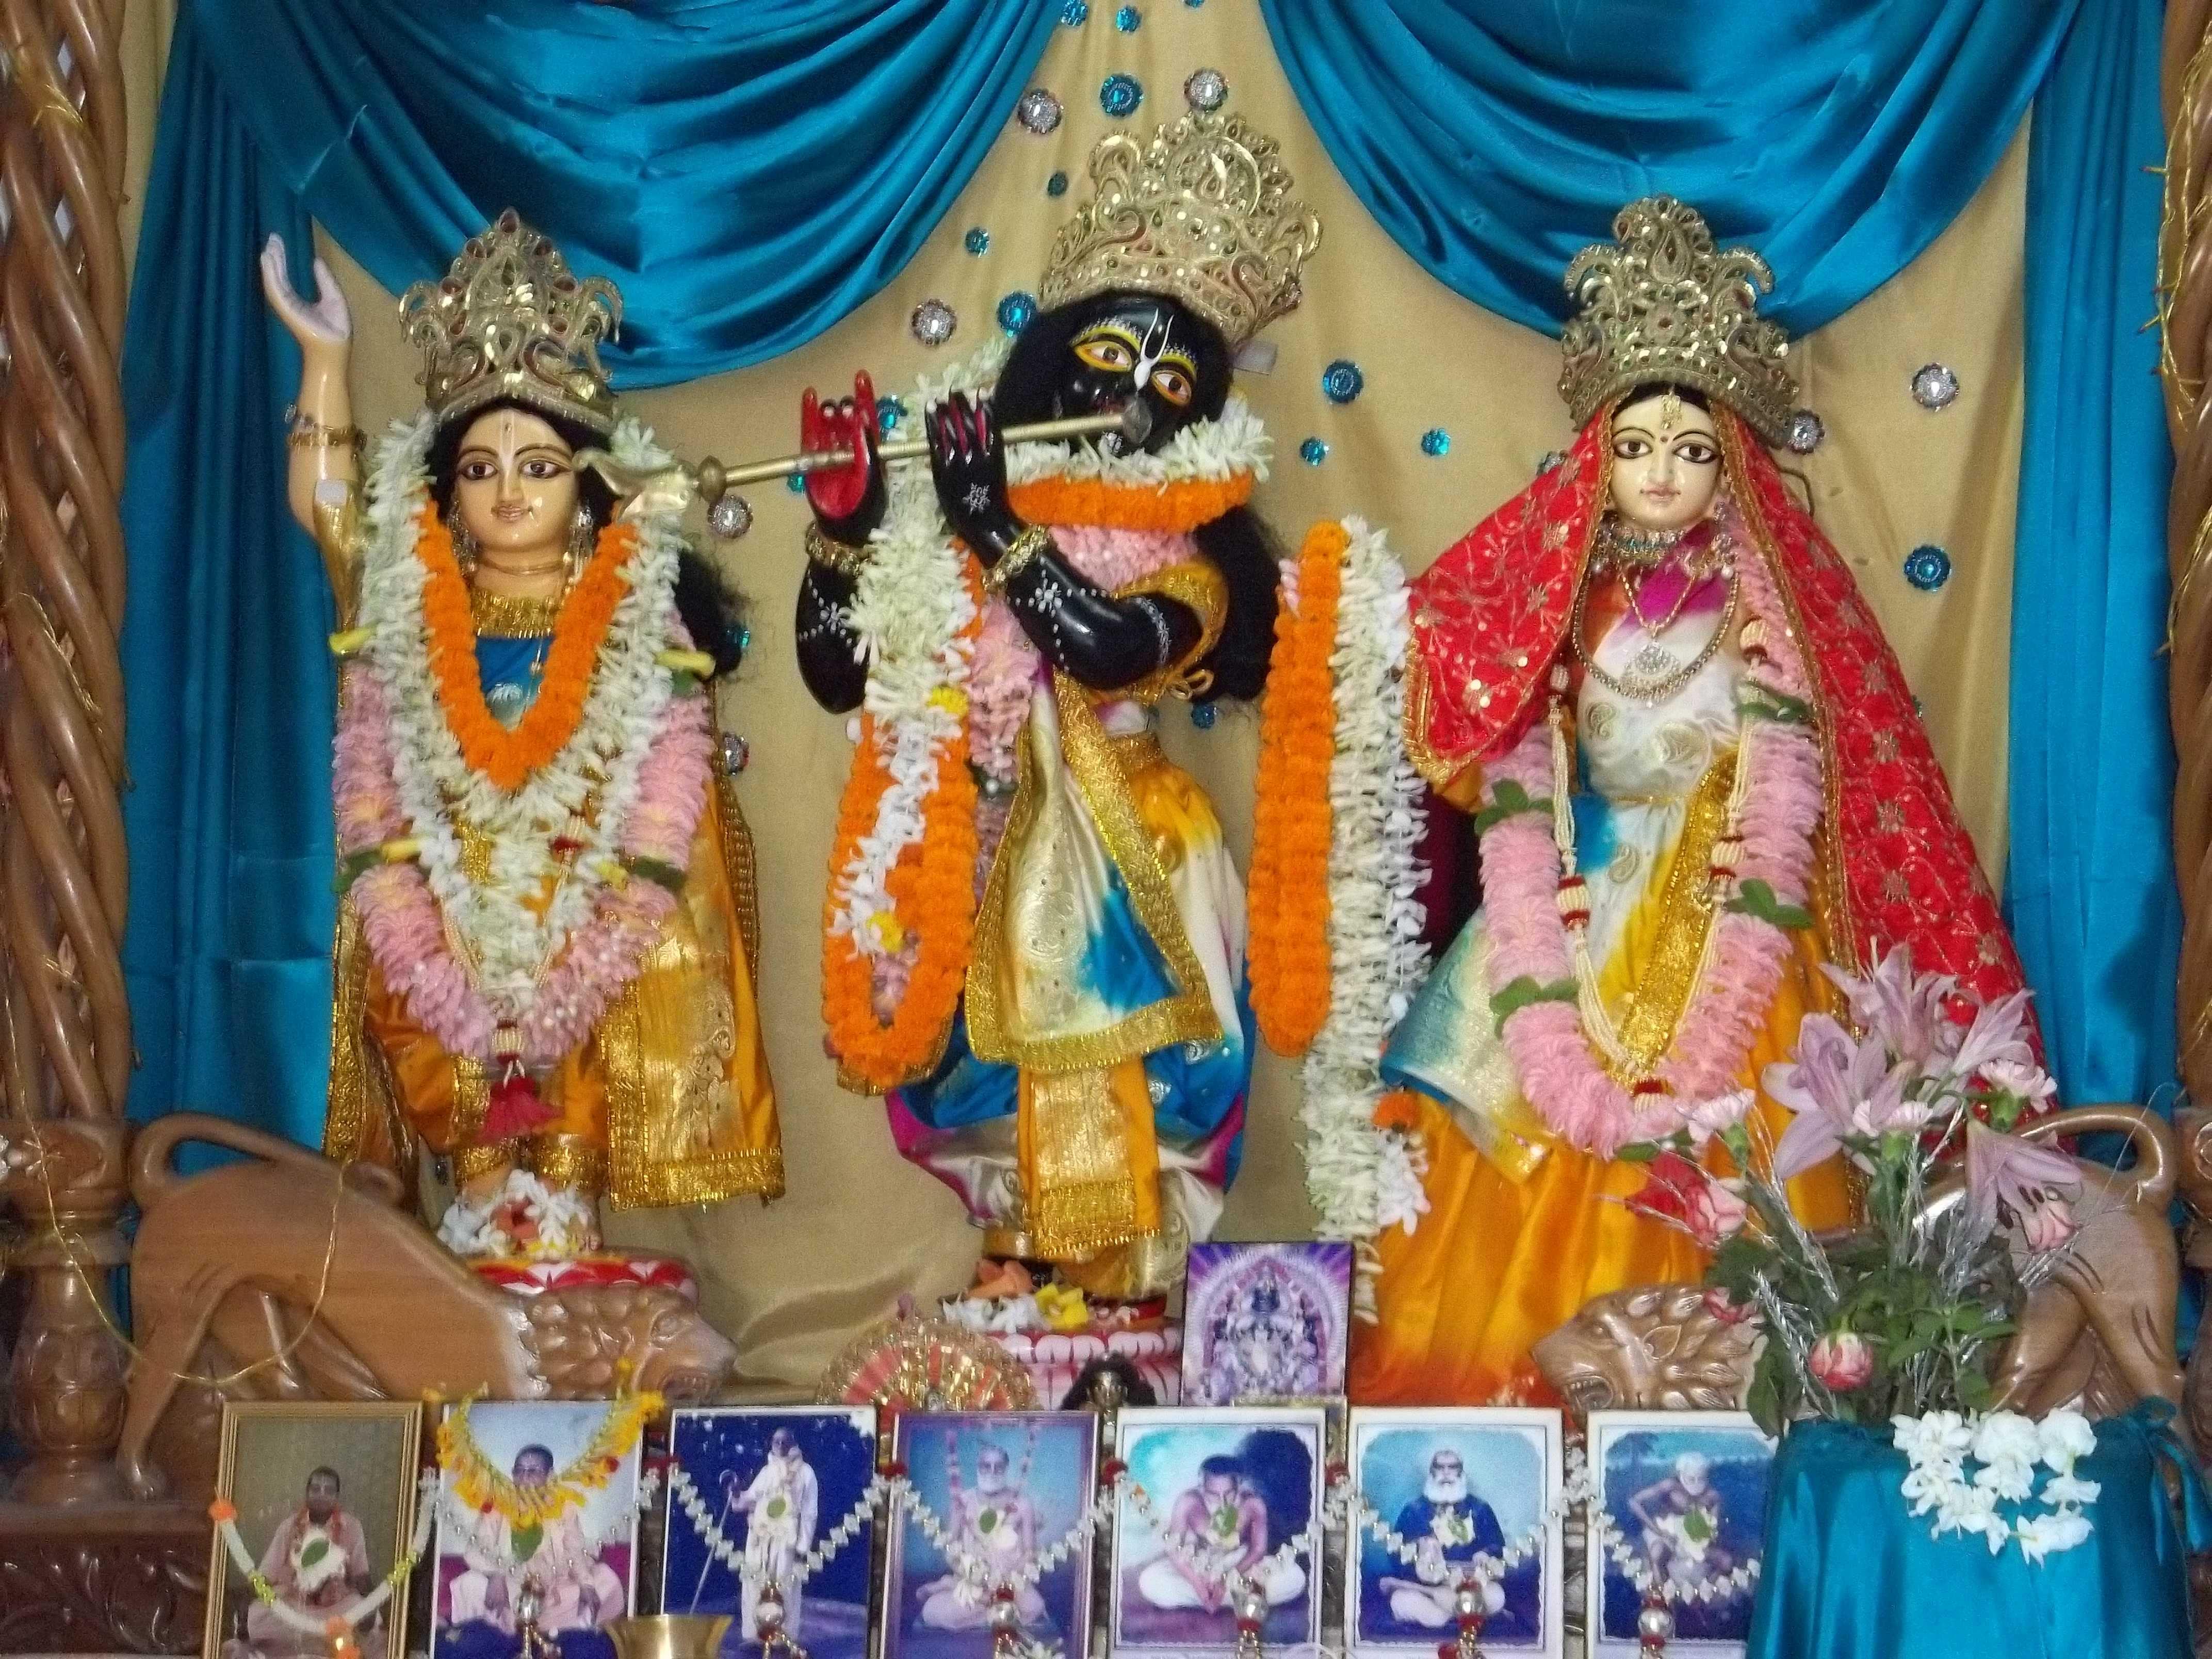 <h3> Sri Sri Guru Gauranga Gandharvika Govinda Sundar Jiu</h3>